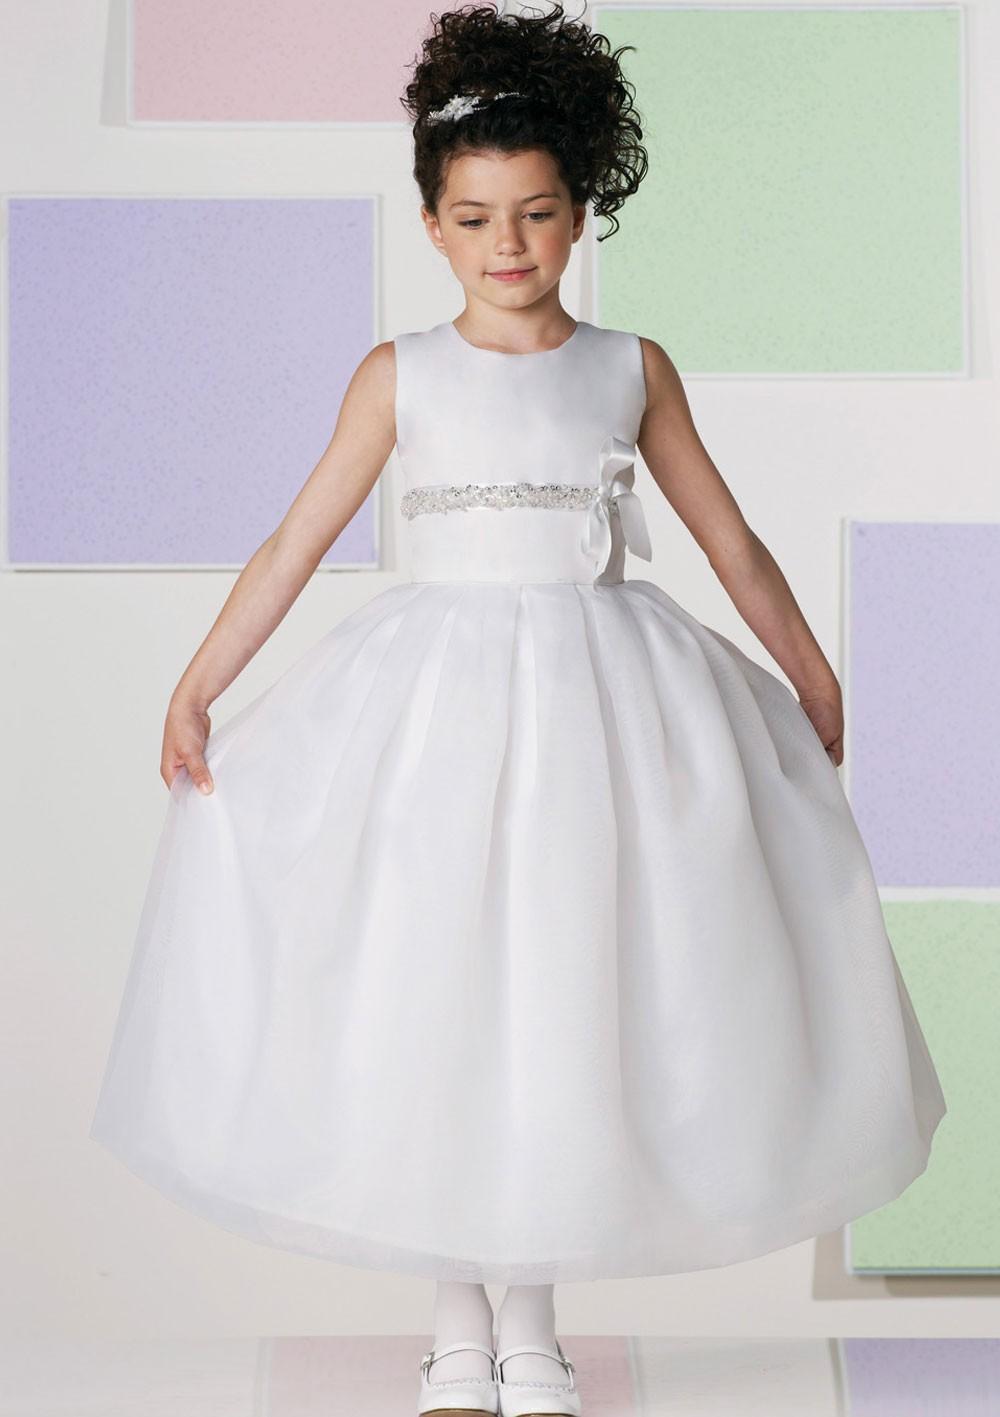 Les robes blanches pour petites filles